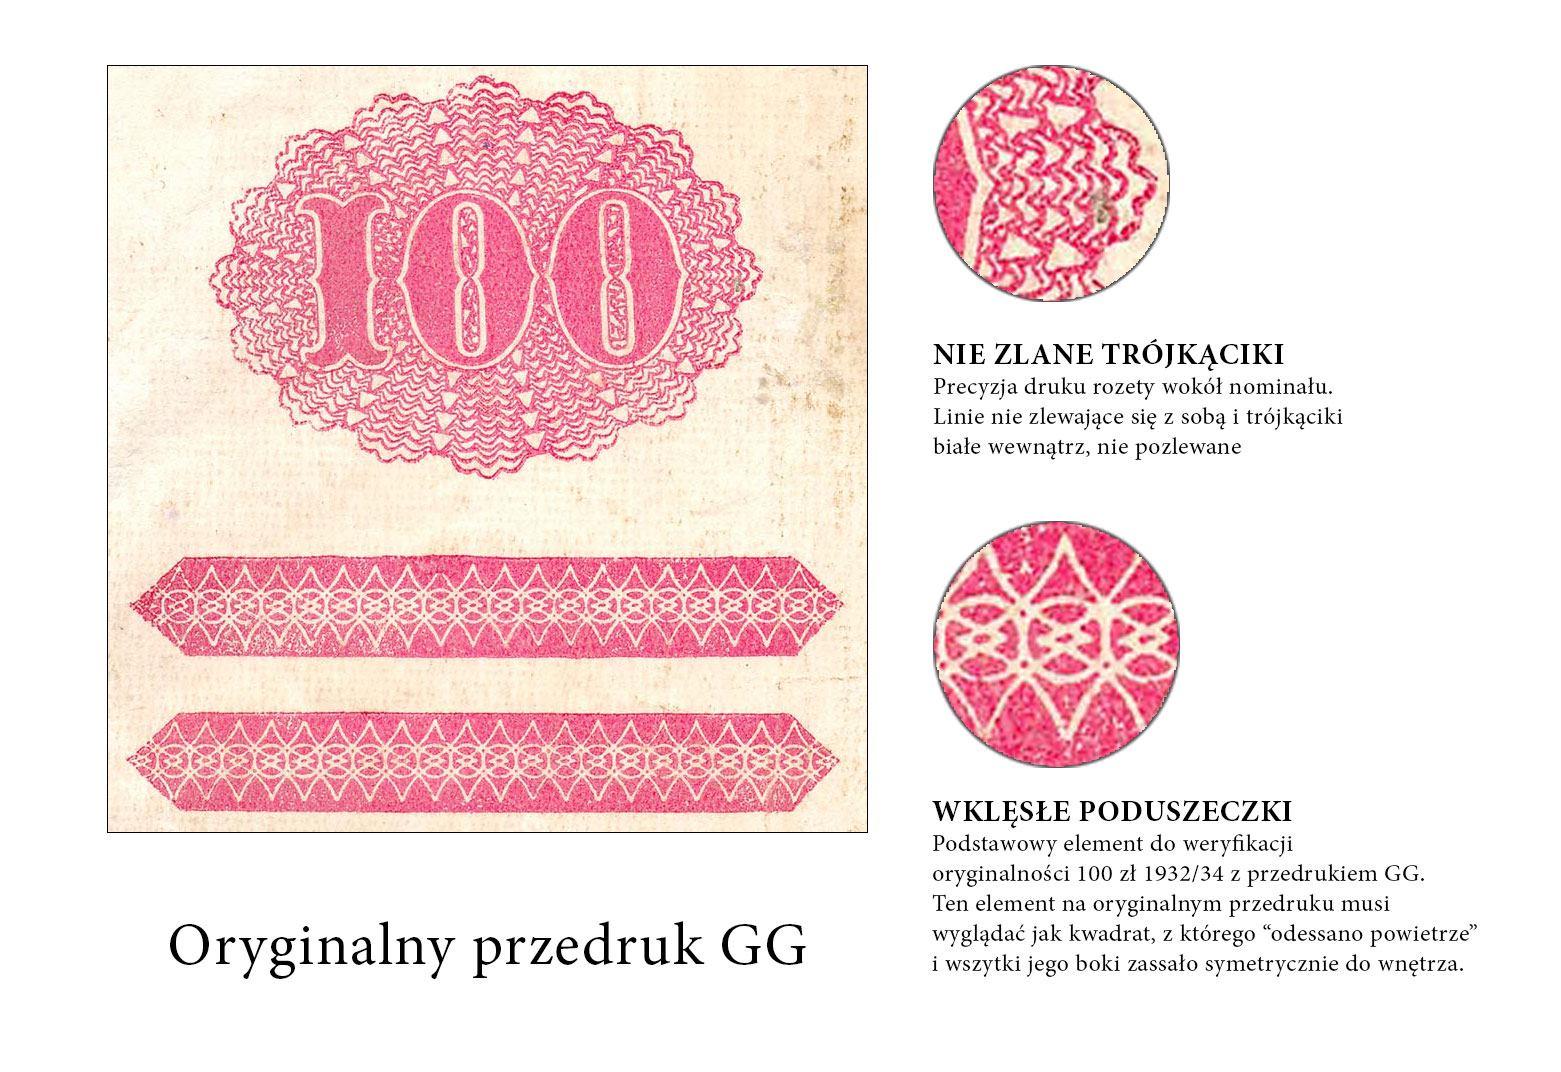 Oryginalny przedruk okupacyjny na banknocie 100 złotych 1932/34